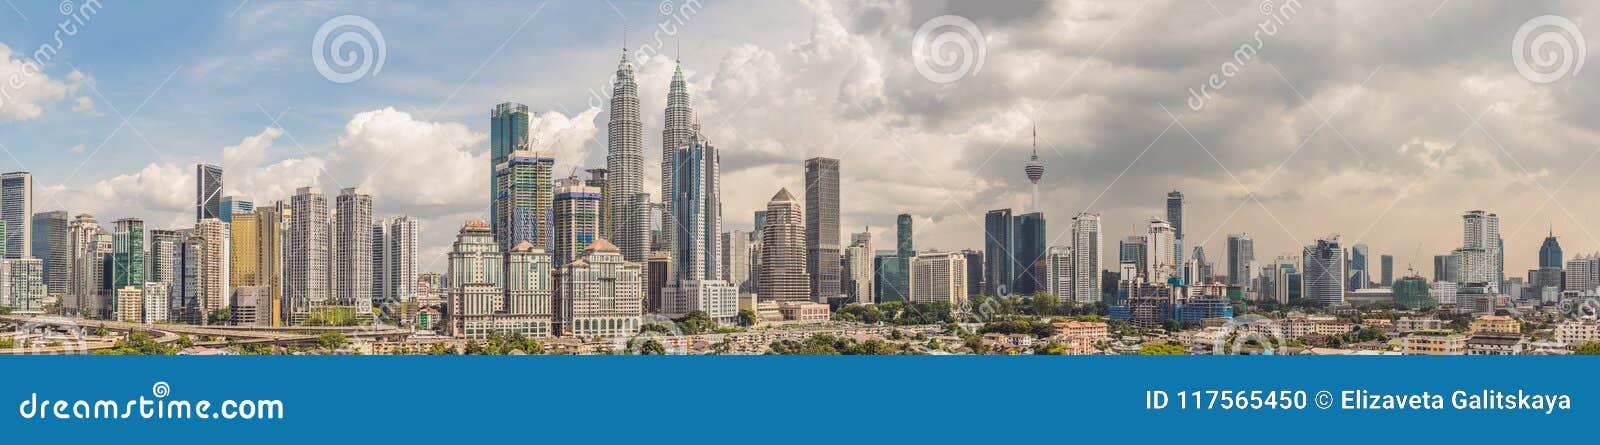 Horizon de Kuala Lumpur, vue de la ville, gratte-ciel avec un beaut